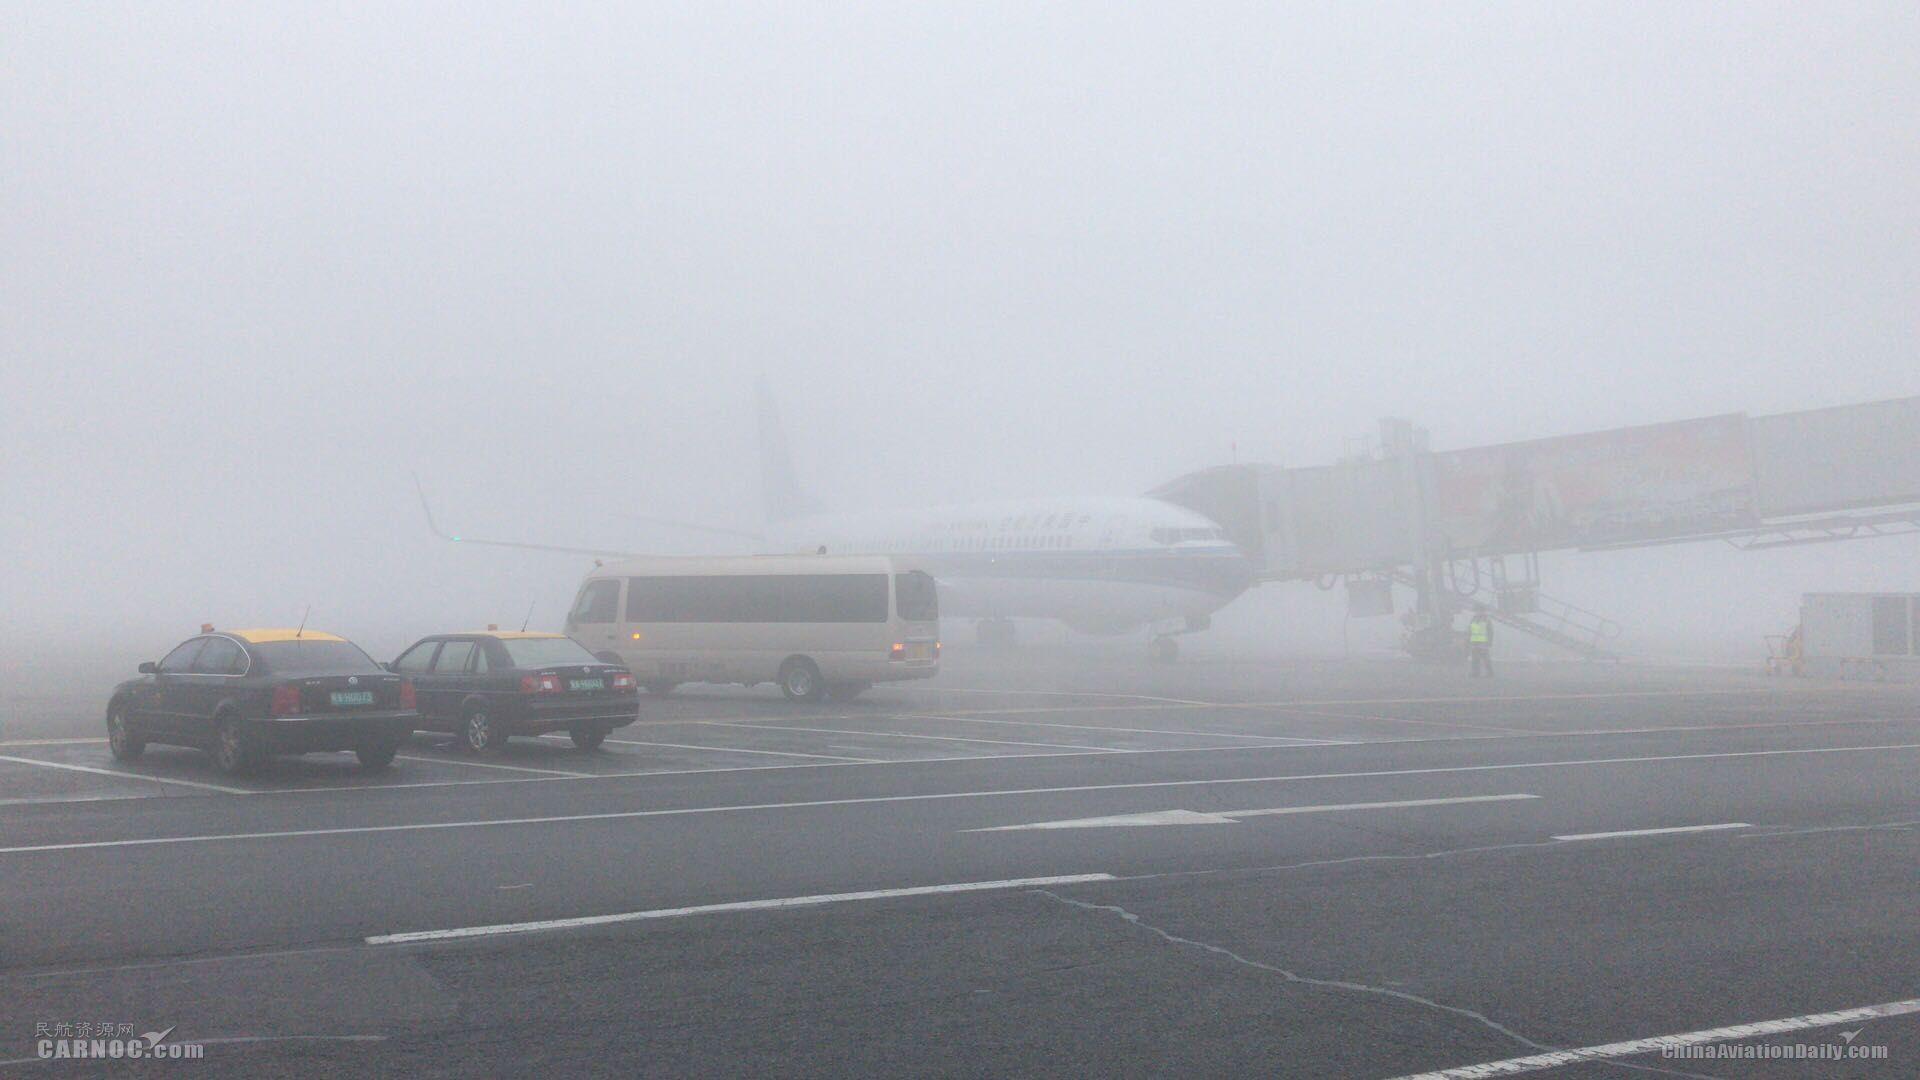 浓雾锁闭机场跑道 山航缘何一飞冲天?